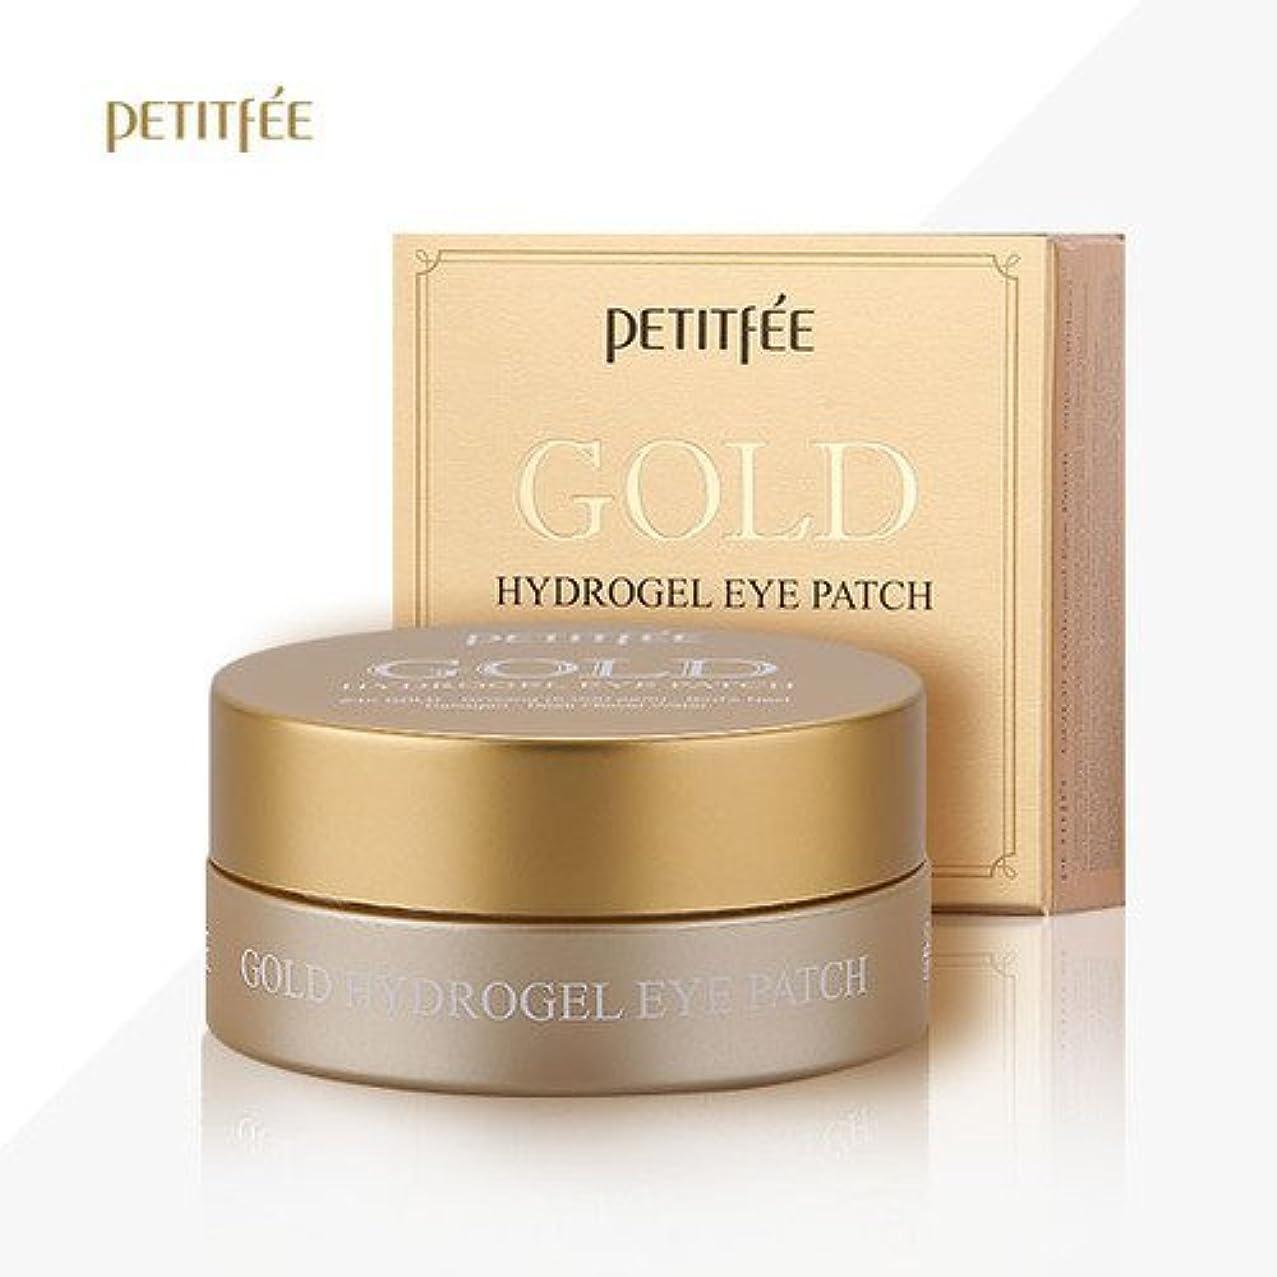 大型トラックまだ行き当たりばったりPETITFEE(プチペ)ゴールドハイドロゲルアイパチ(60枚)/ Petitfee Gold Hydrogel Eye Patch (60Sheets) [並行輸入品]